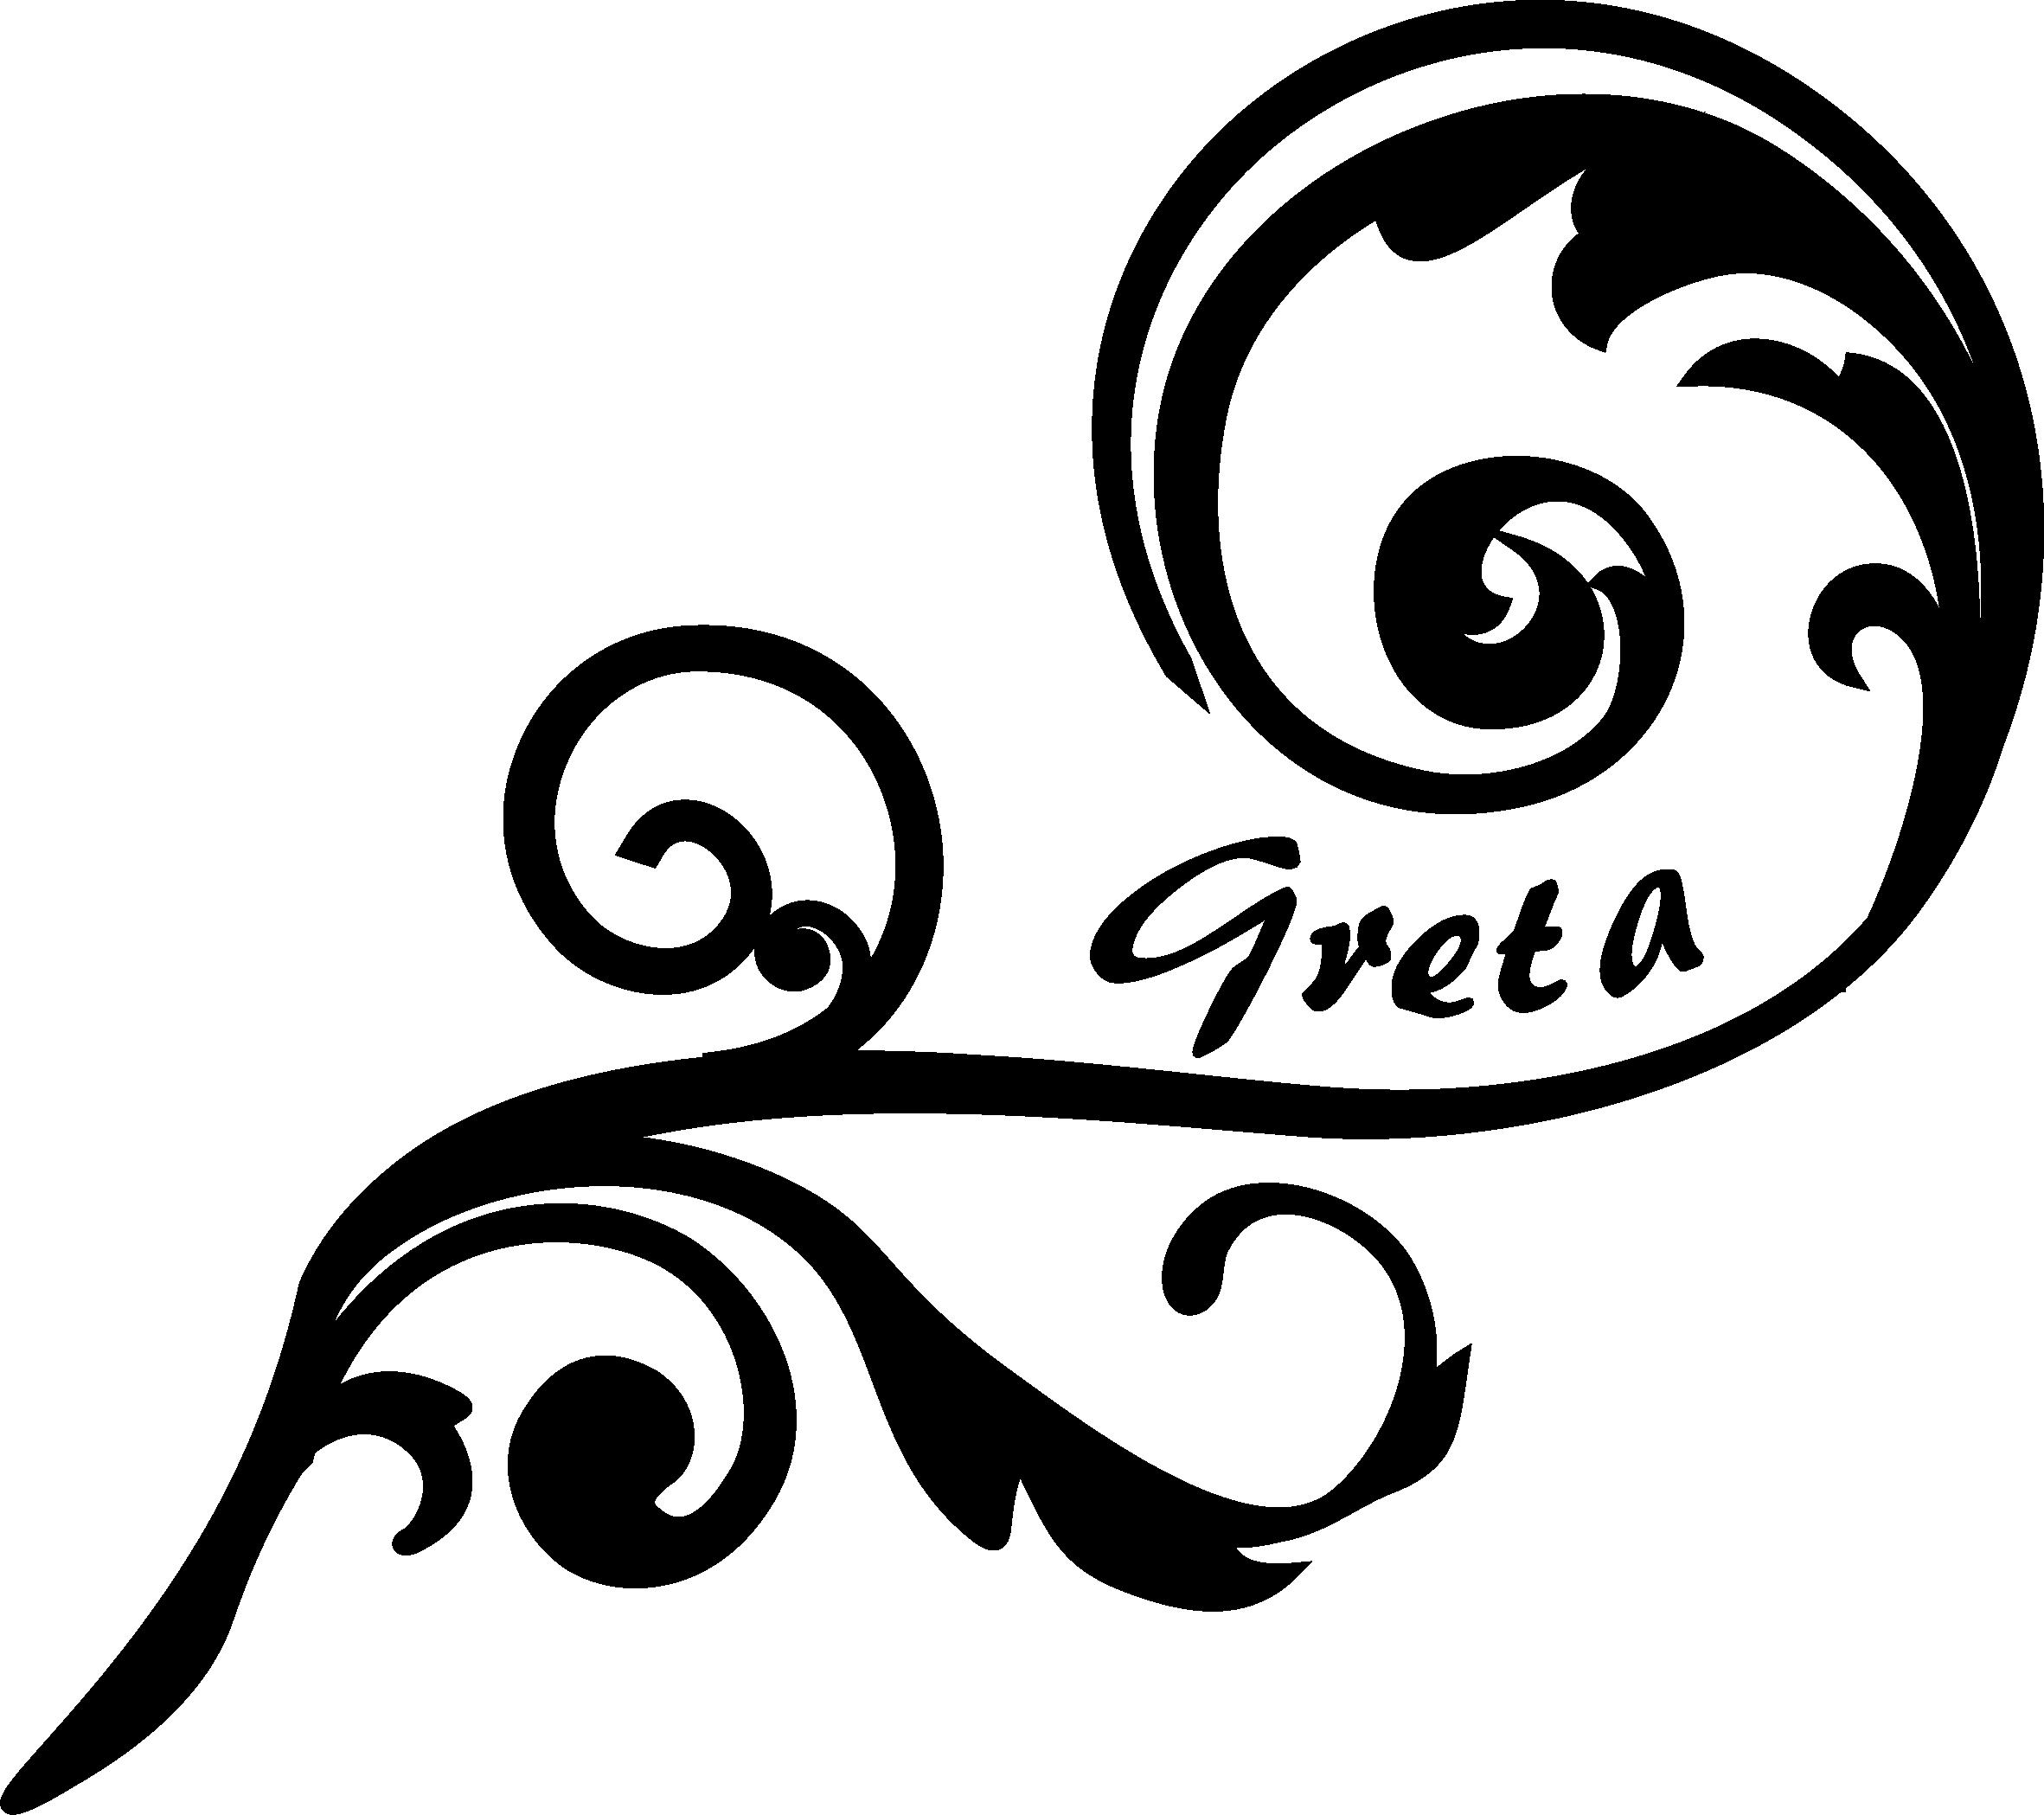 TENSTICKERS. カスタマイズ可能なバンドの岩壁ステッカー. ロックンロール音楽のファンや、バンドの名前でステッカーをカスタマイズしたい人のために、tenstickersはこのロックステッカーを提供します。